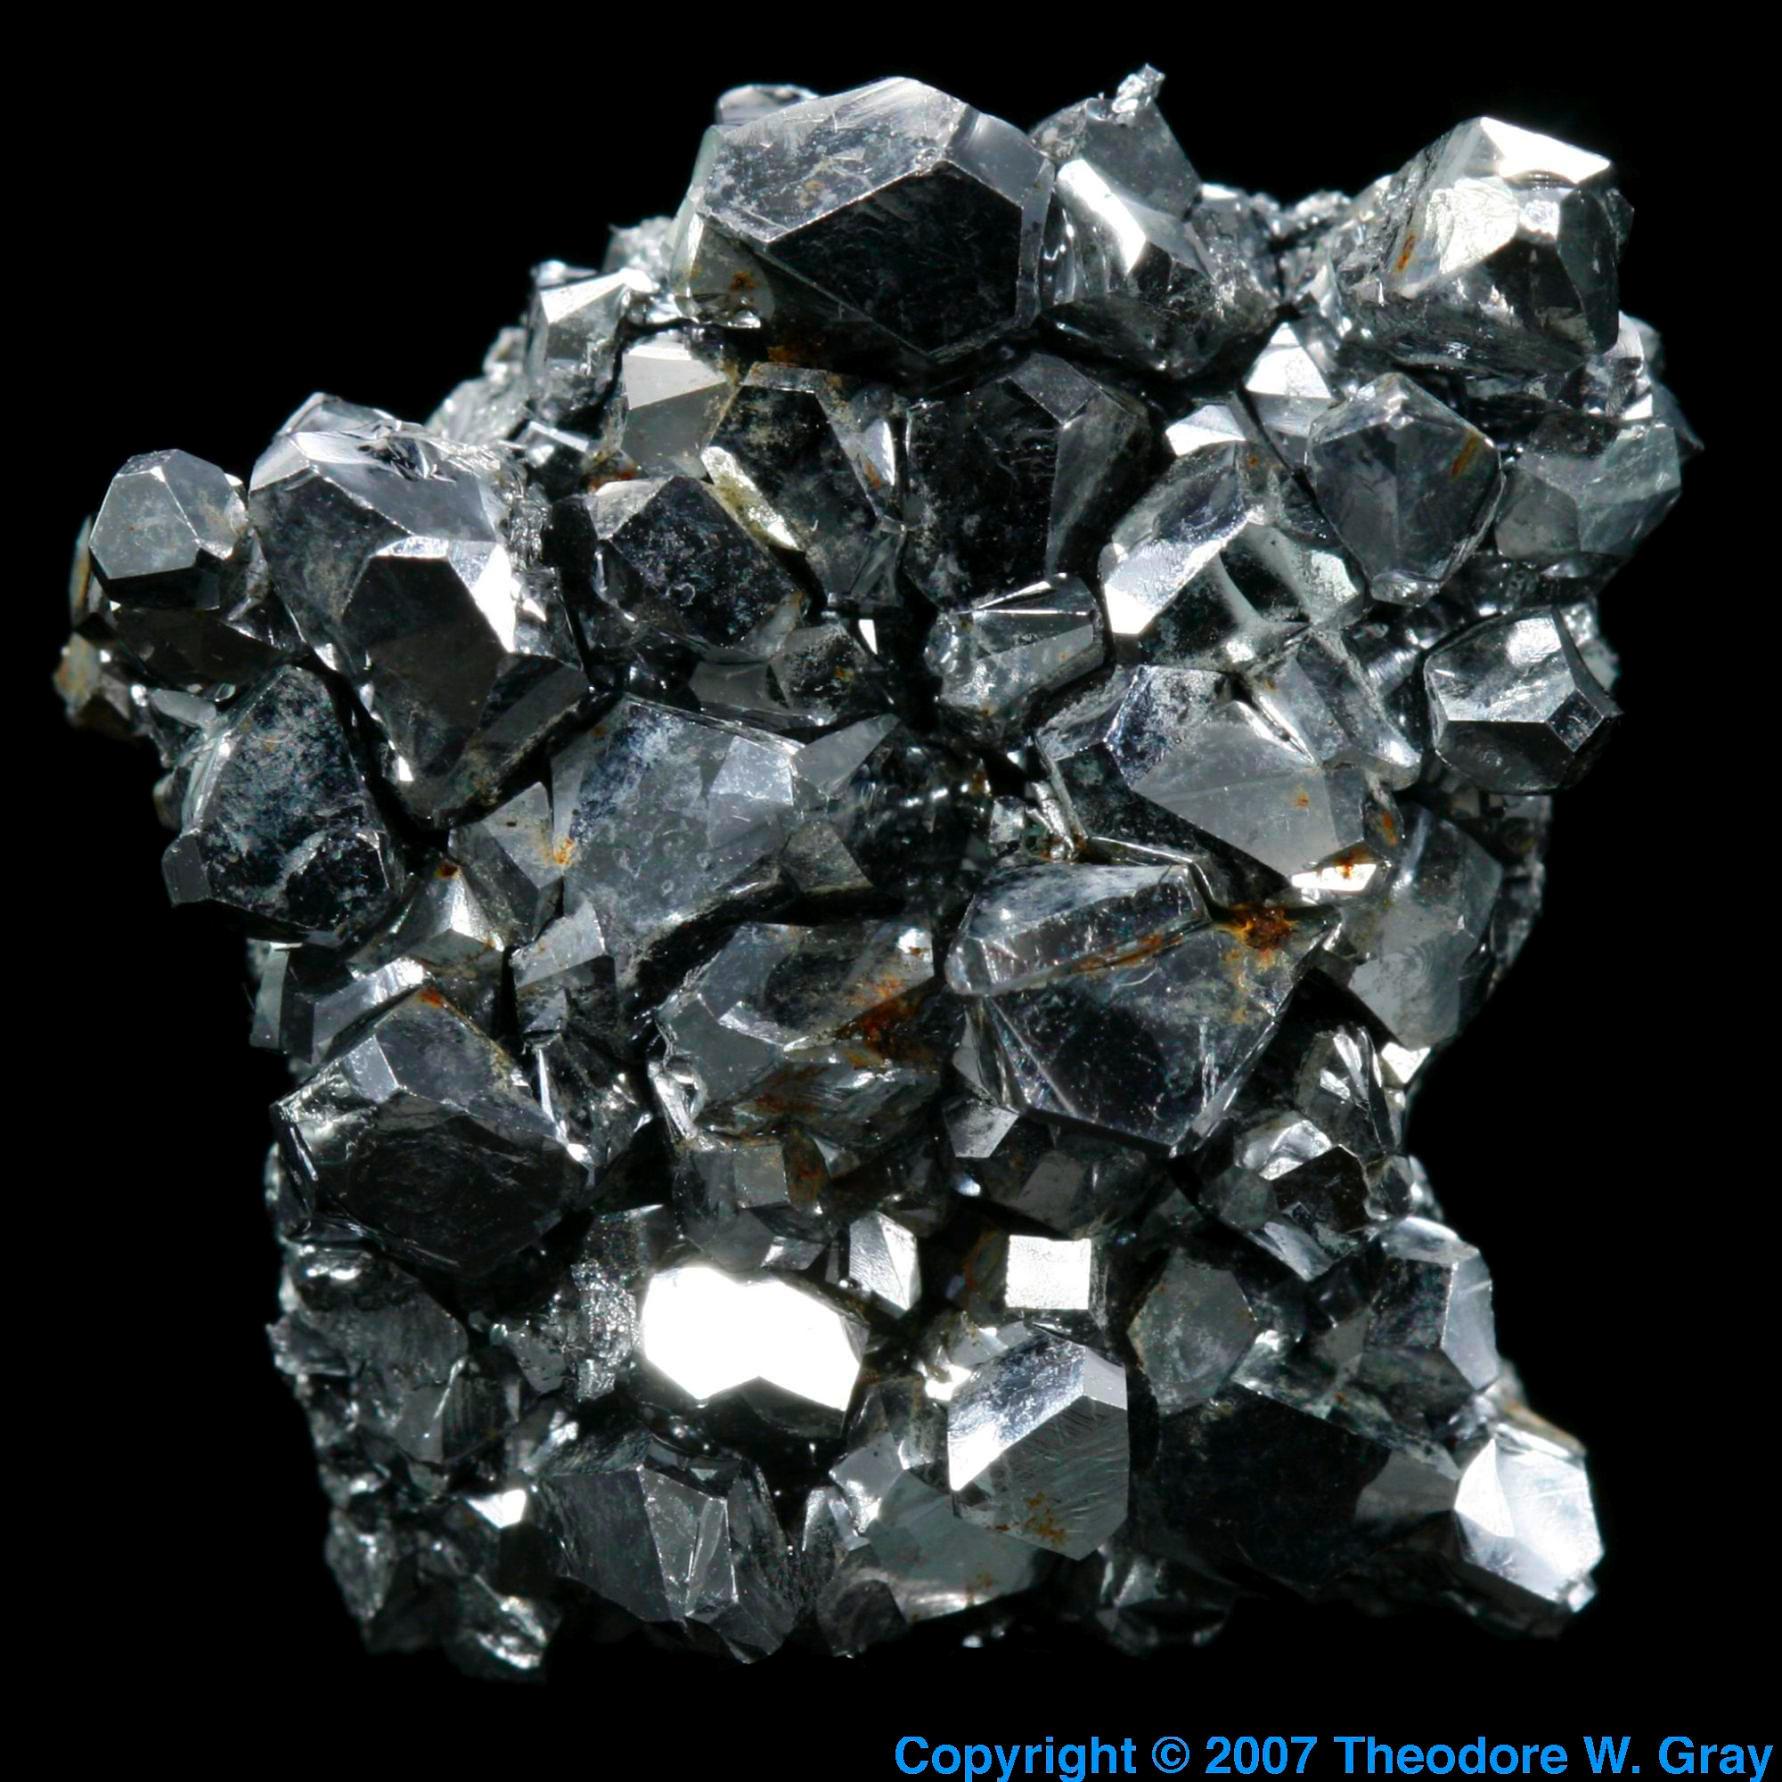 картинка металл хром потому, что